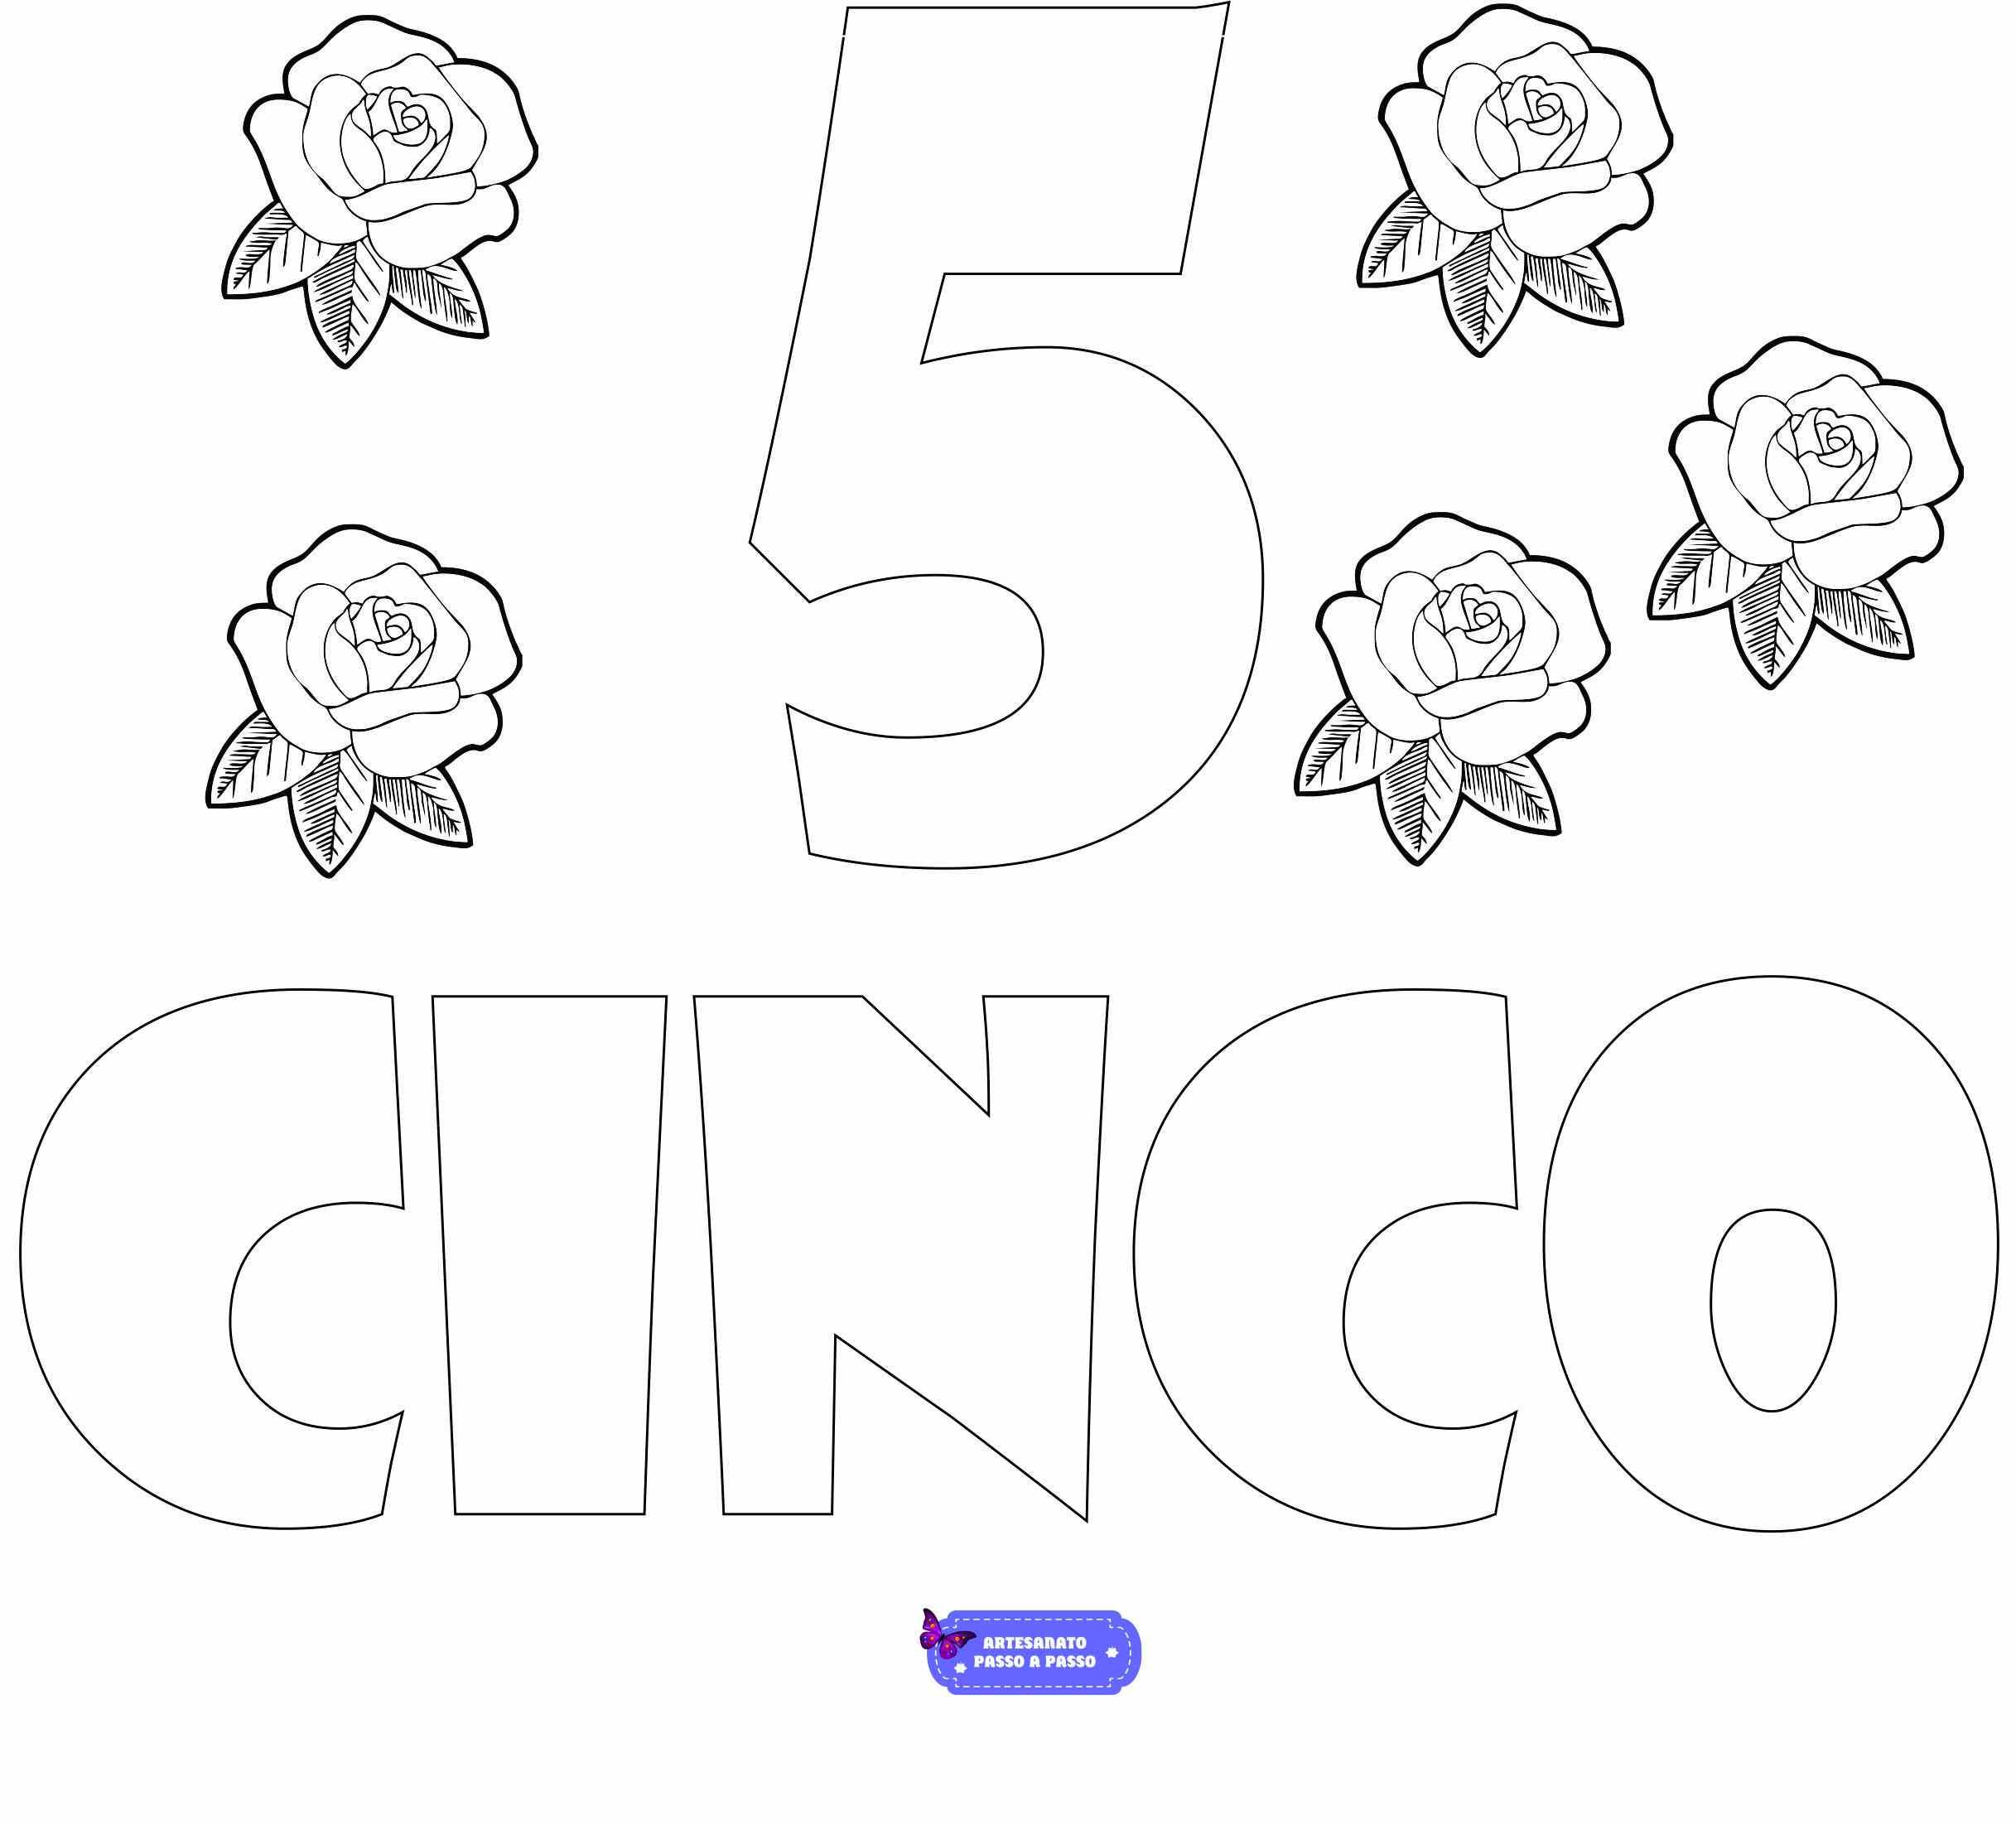 numero 5 para colorir